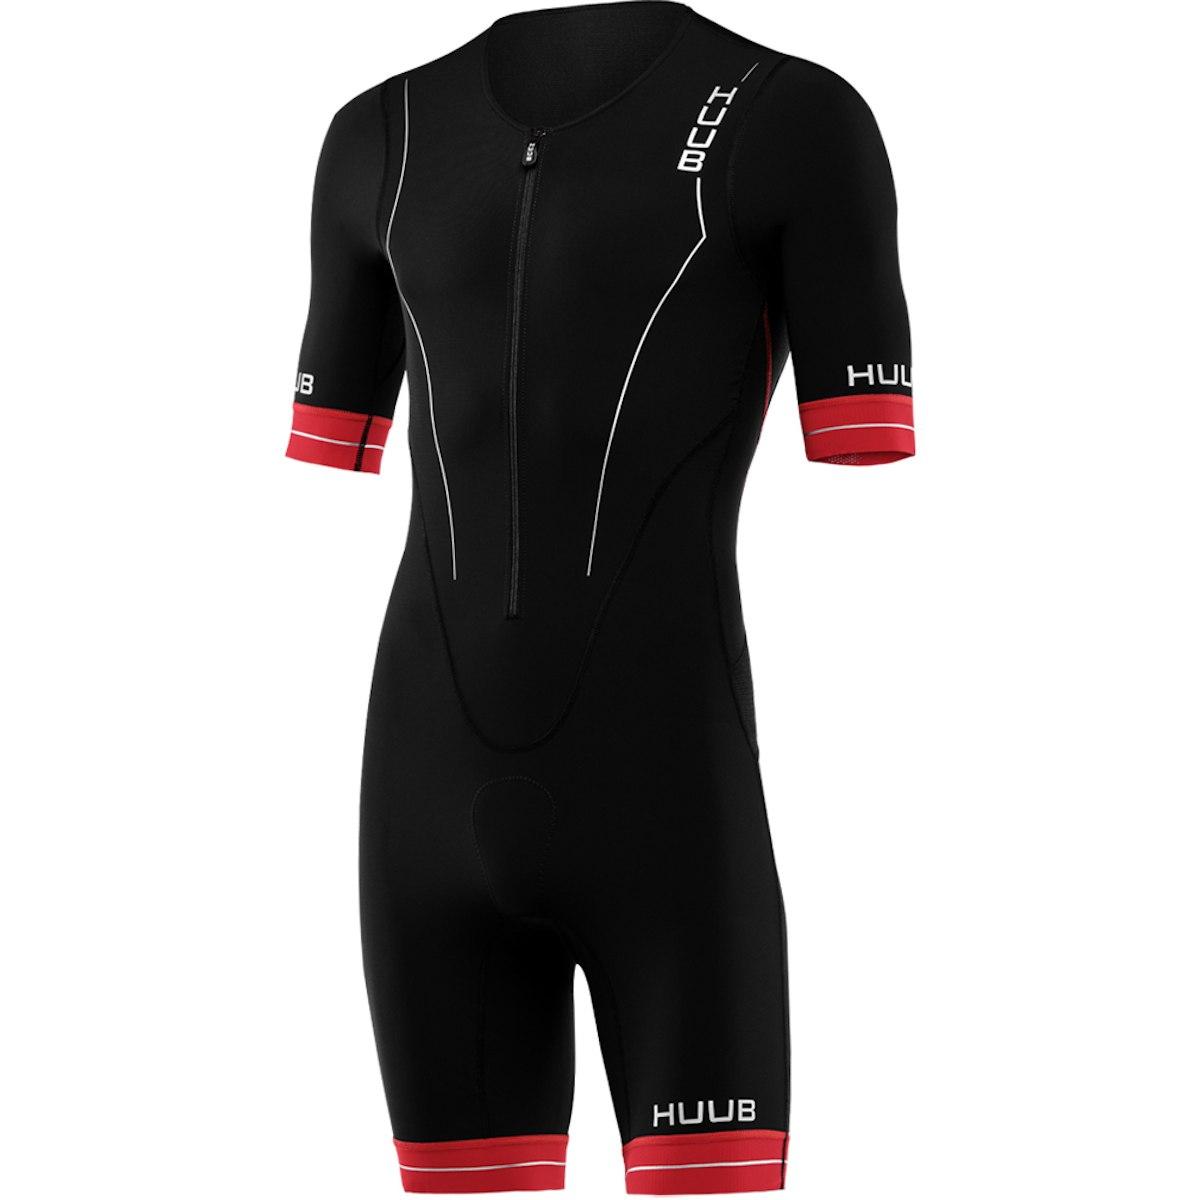 Bild von HUUB Design Race Long Course Herren Trisuit - schwarz/rot